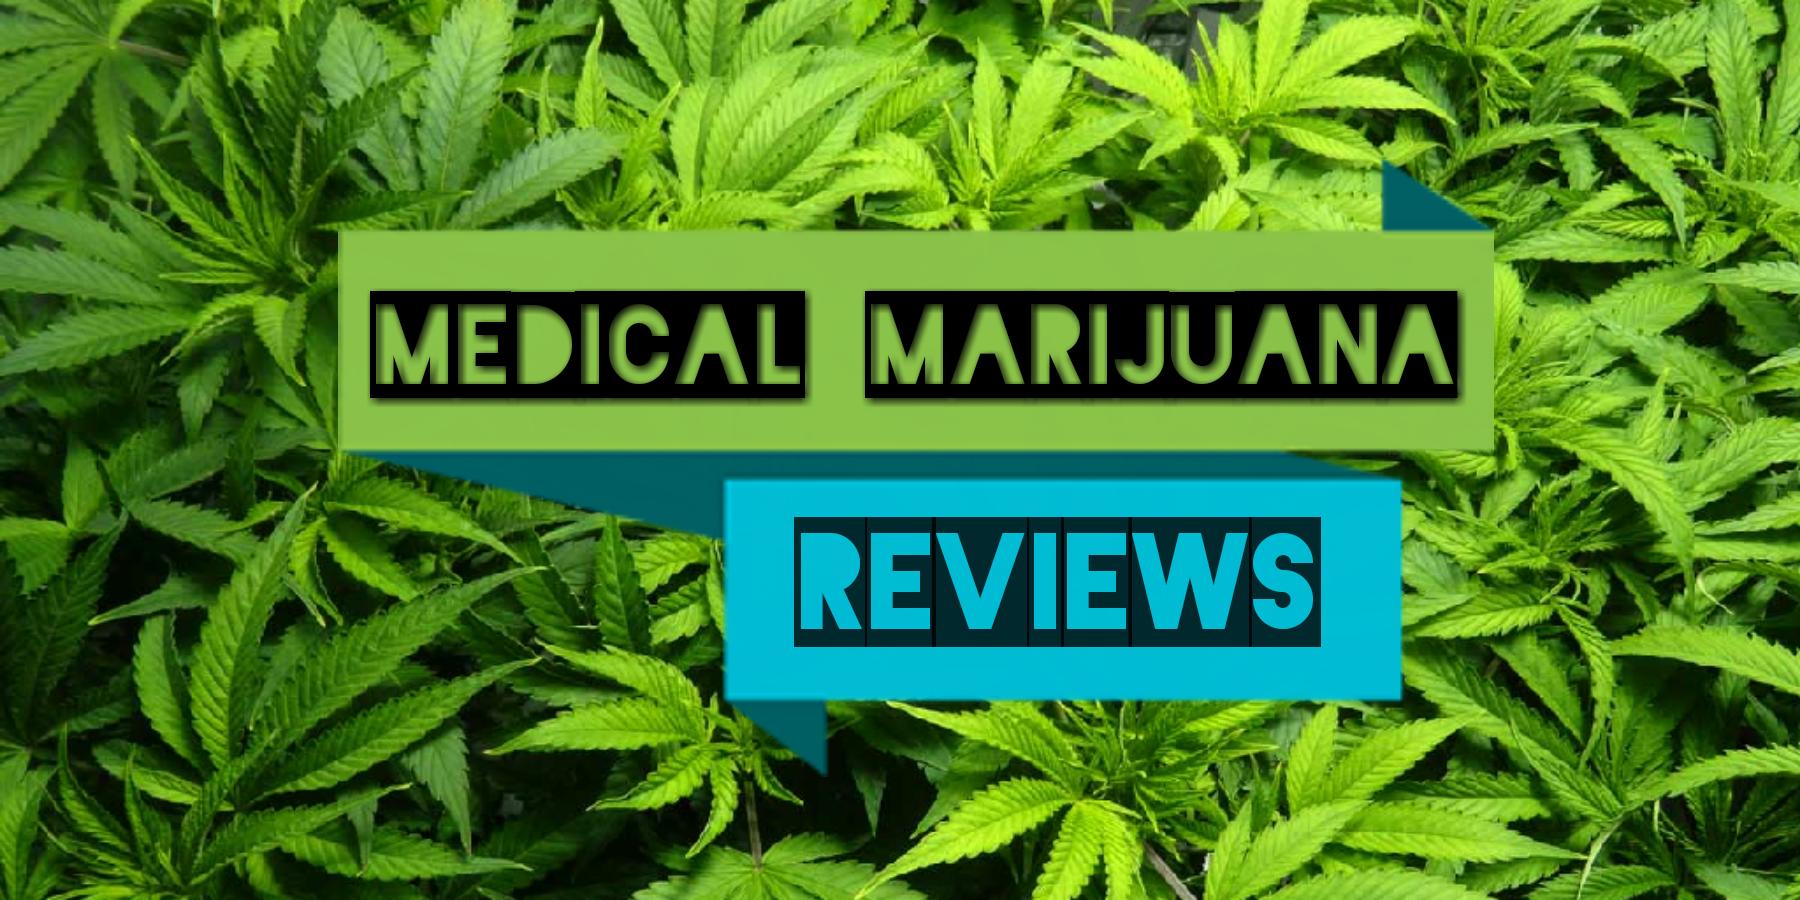 Florida Medical MARIJUANA REviews.